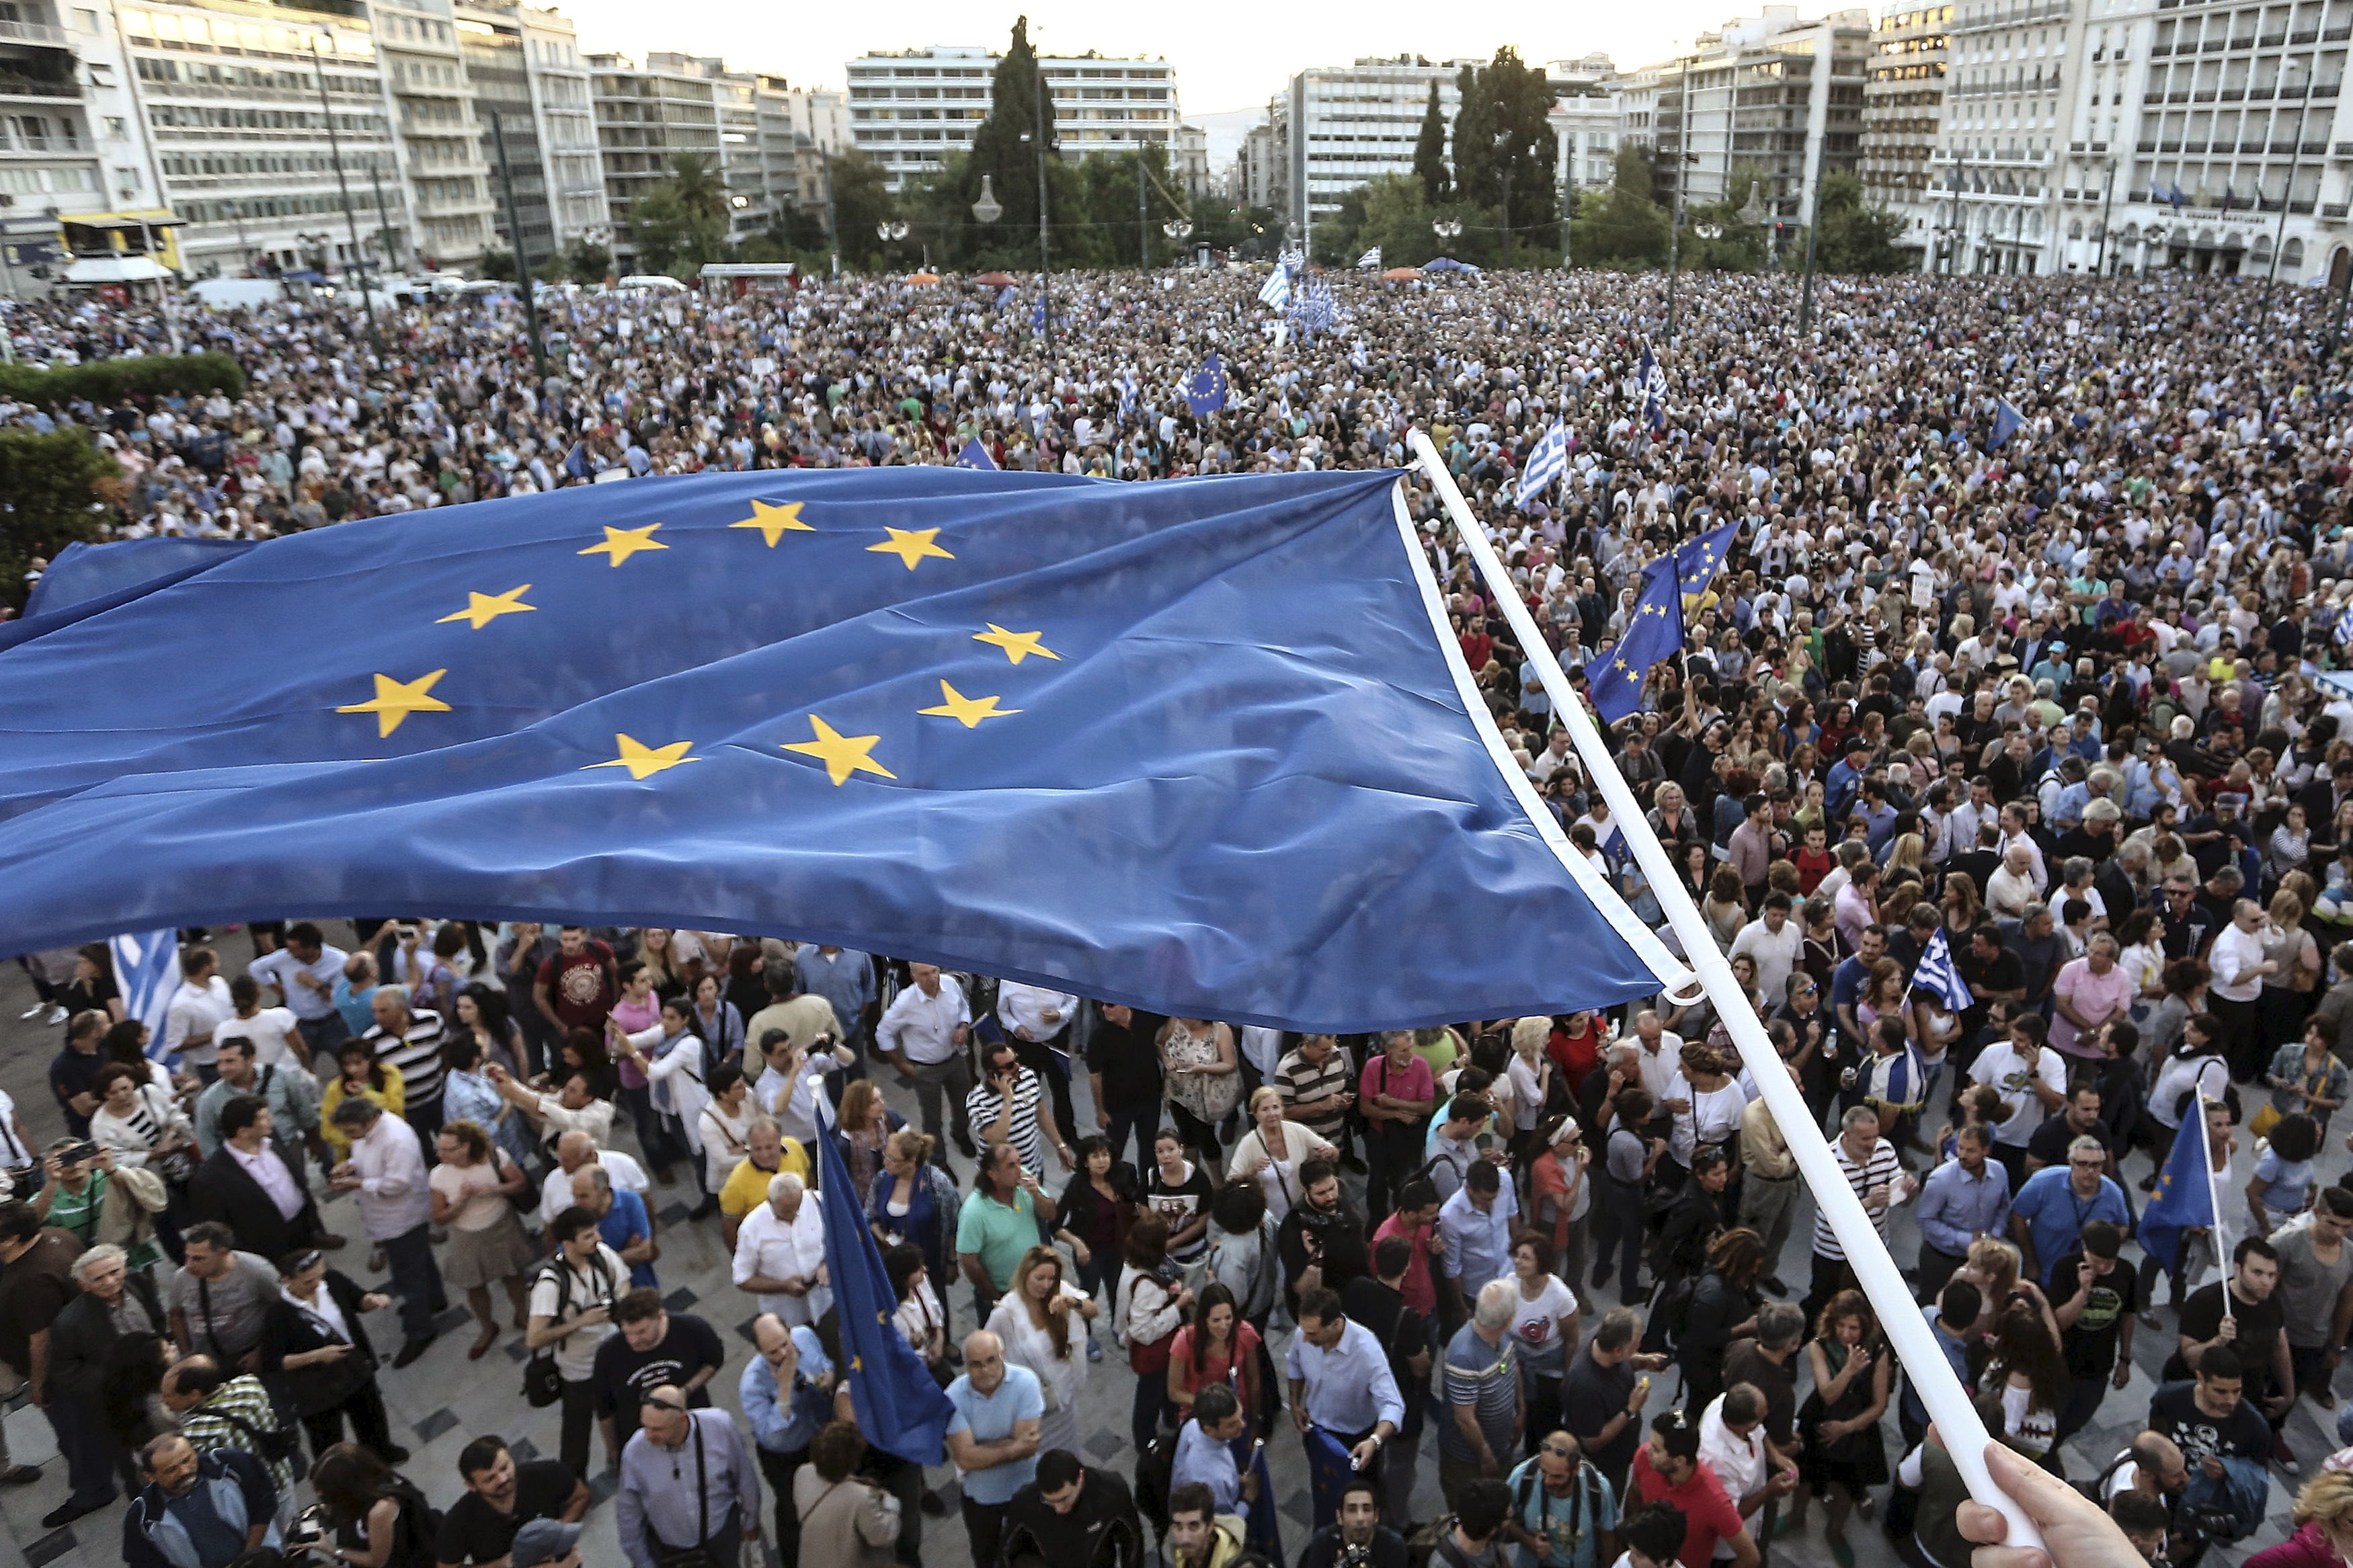 60 ans du traité de Rome : pourquoi nous pensons que notre communauté économique a encore de l'avenir